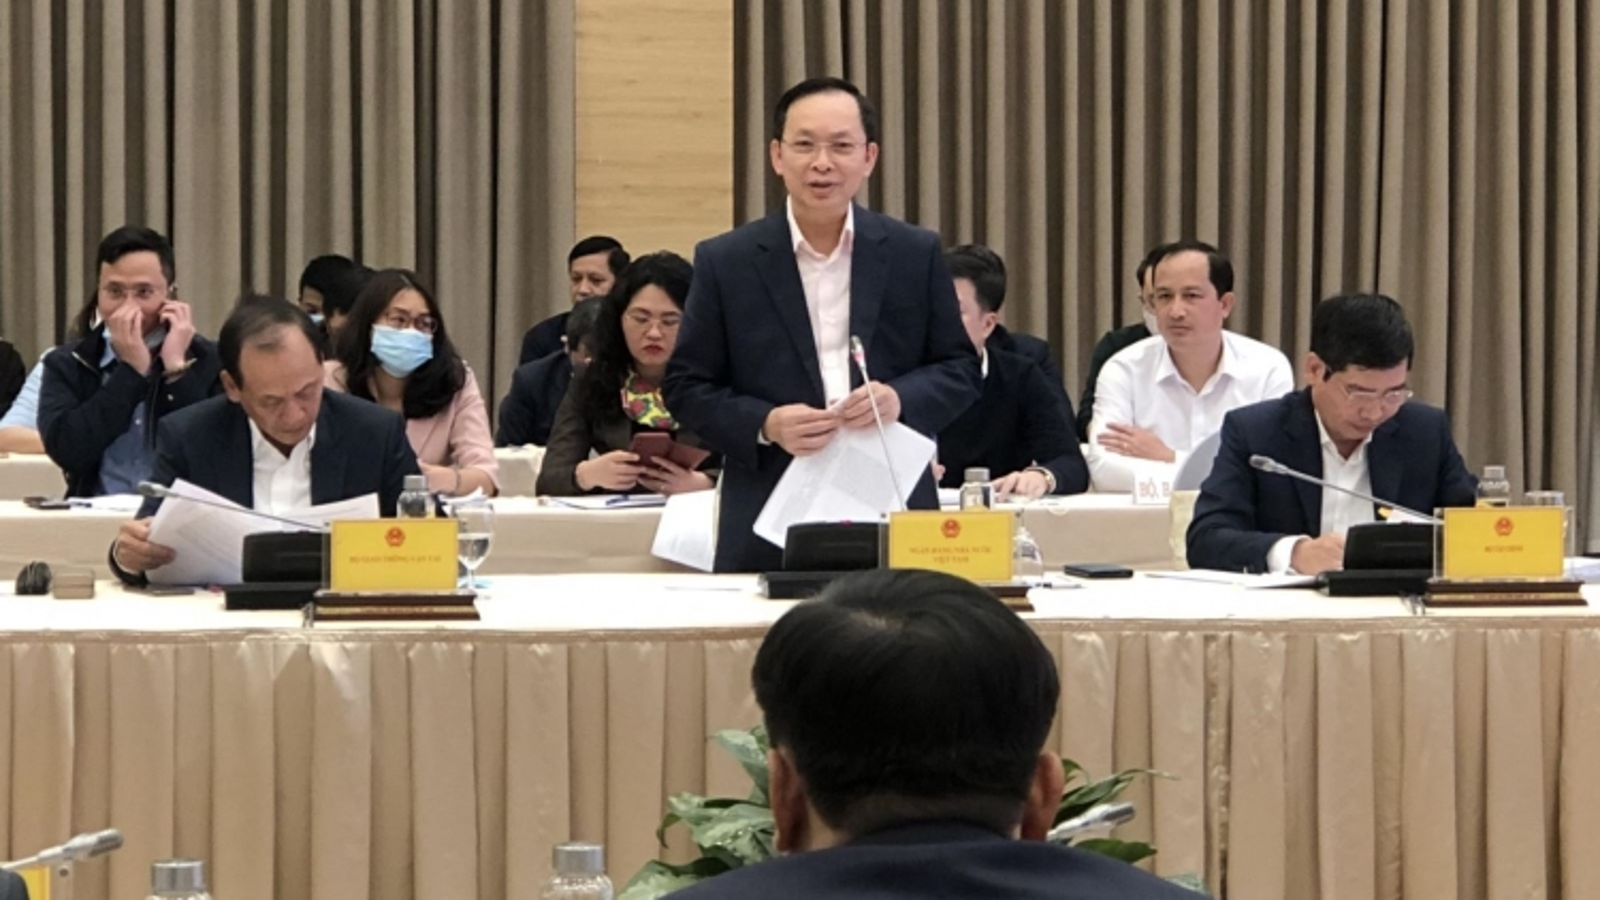 Phó Thống đốc NHNN: Đầu tư Forex rất rủi ro, có dấu hiệu lừa đảo